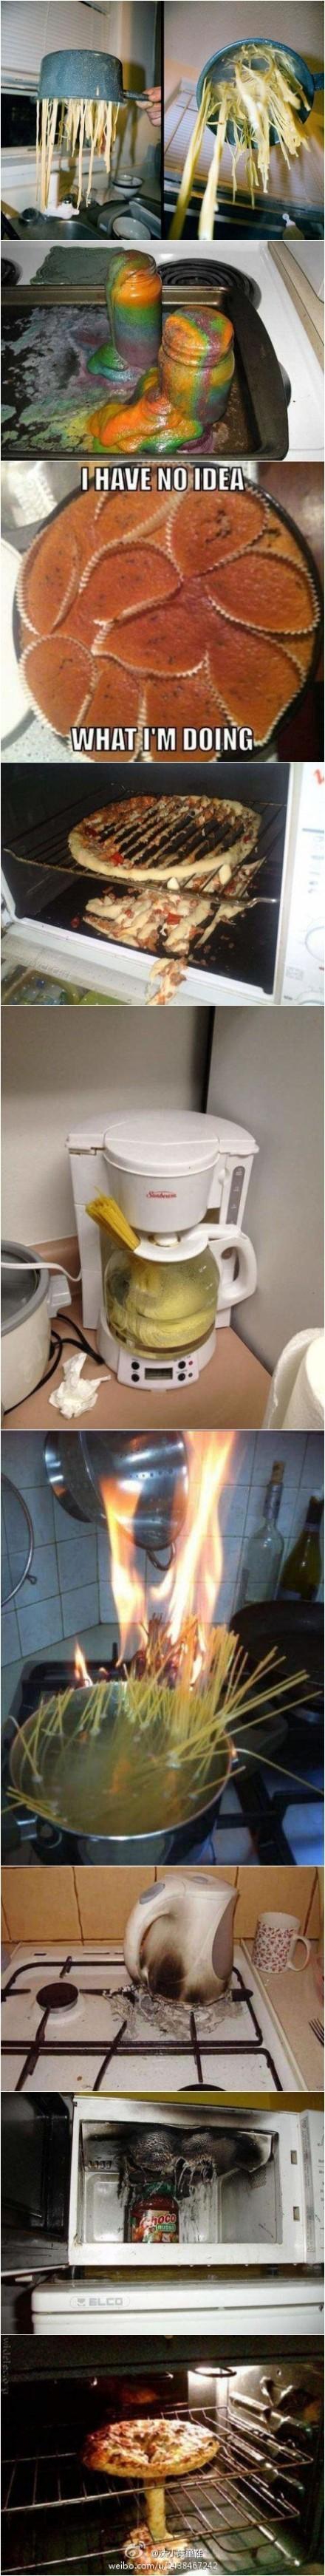 不会做饭的都是些有潜质的破坏分子。